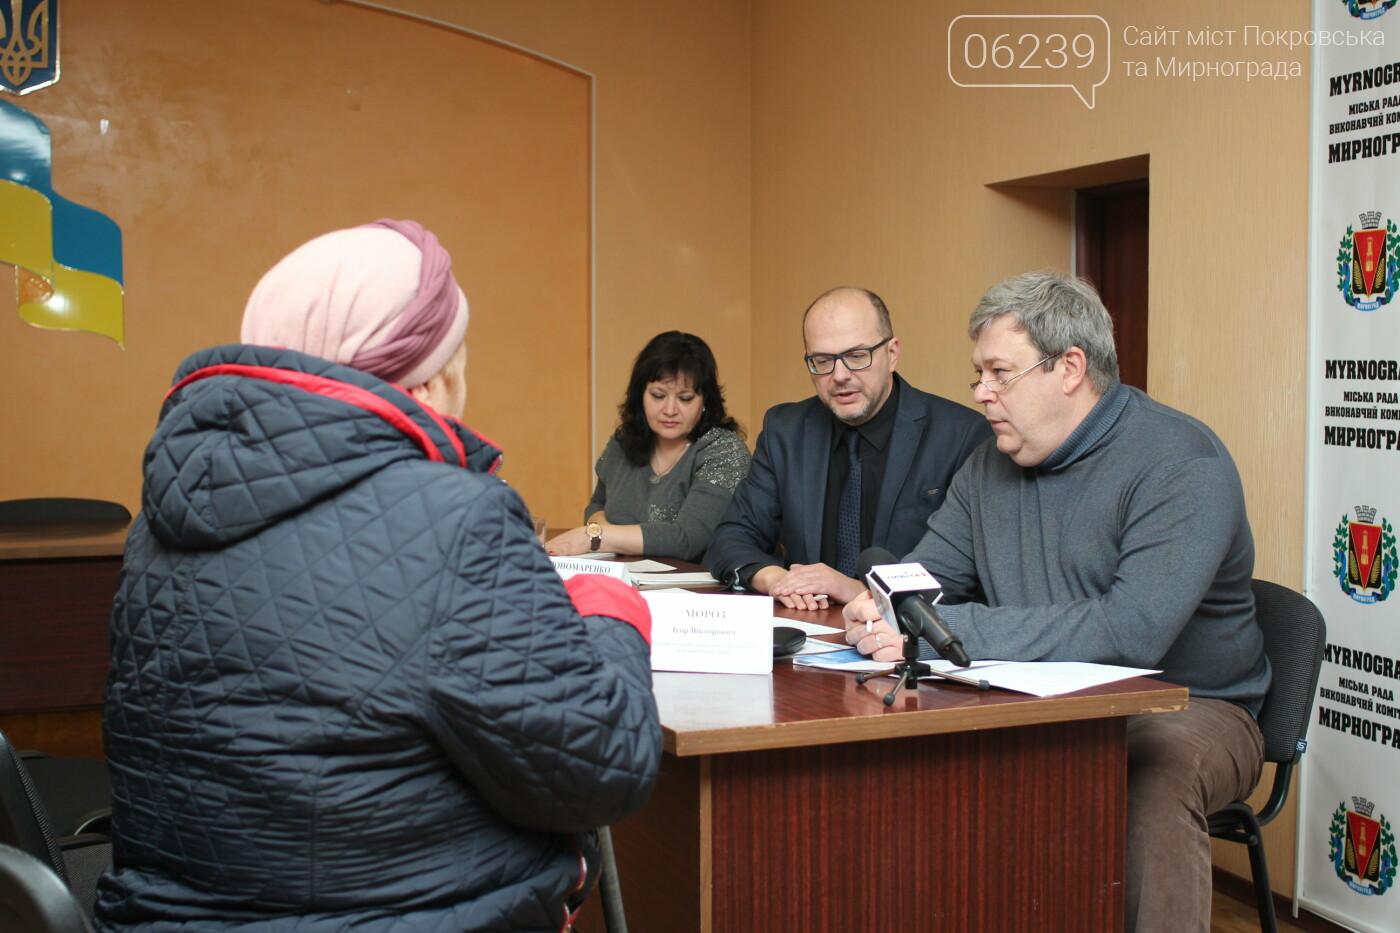 Первый заместитель главы Донецкой ОГА Игорь Мороз провел личный прием граждан в Мирнограде, фото-1